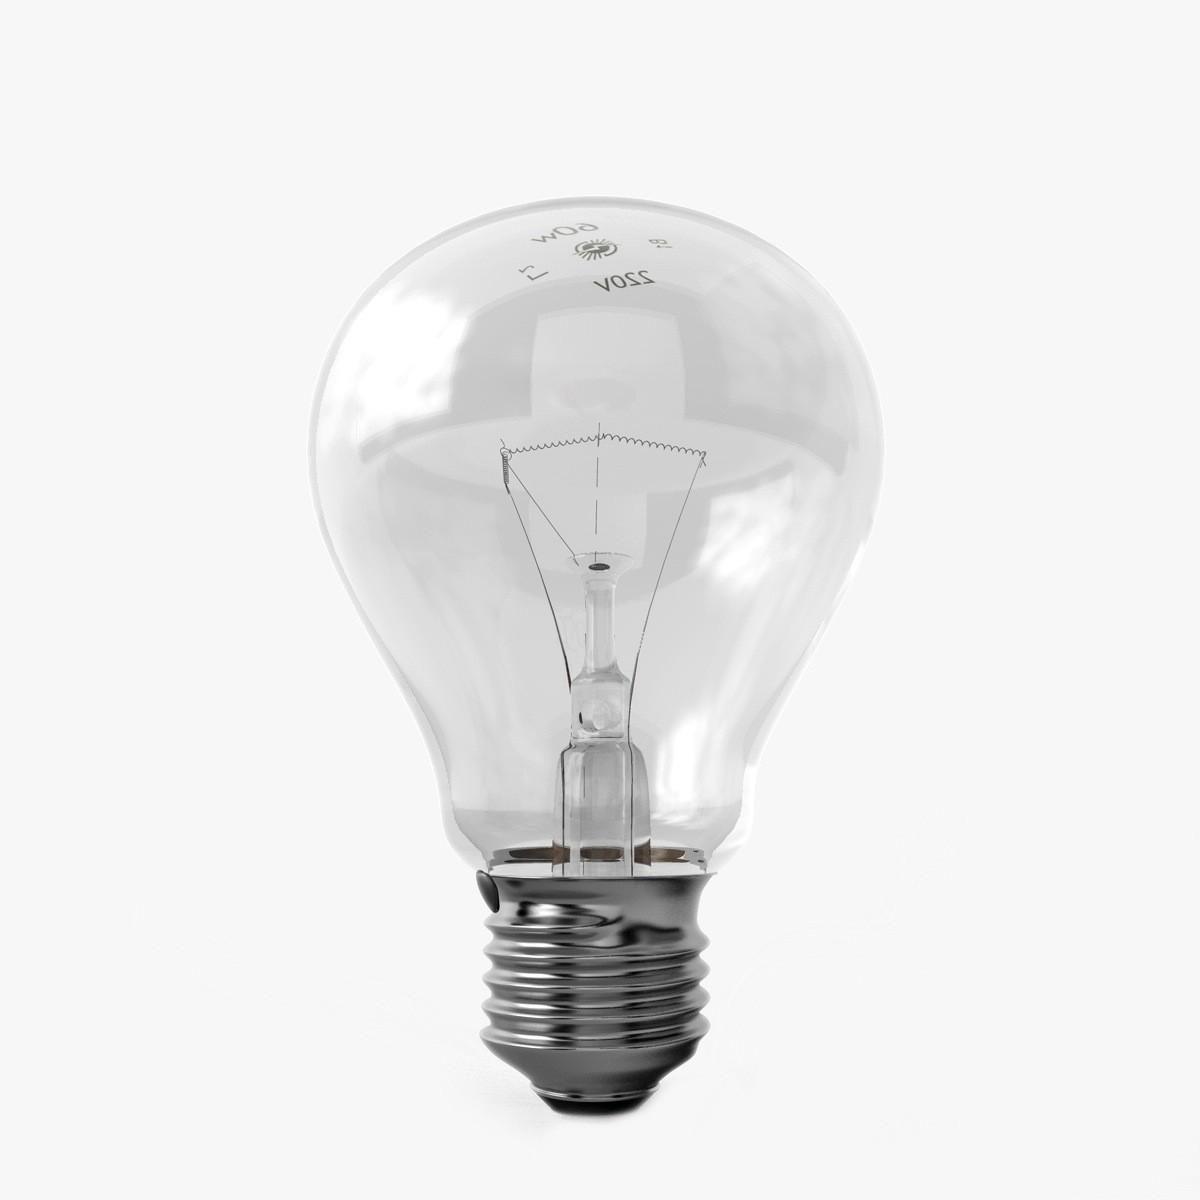 Incandescent Light Bulb 3d Model Ad Light Incandescent Model Bulb Incandescent Light Bulb Light Bulb Incandescent Lighting